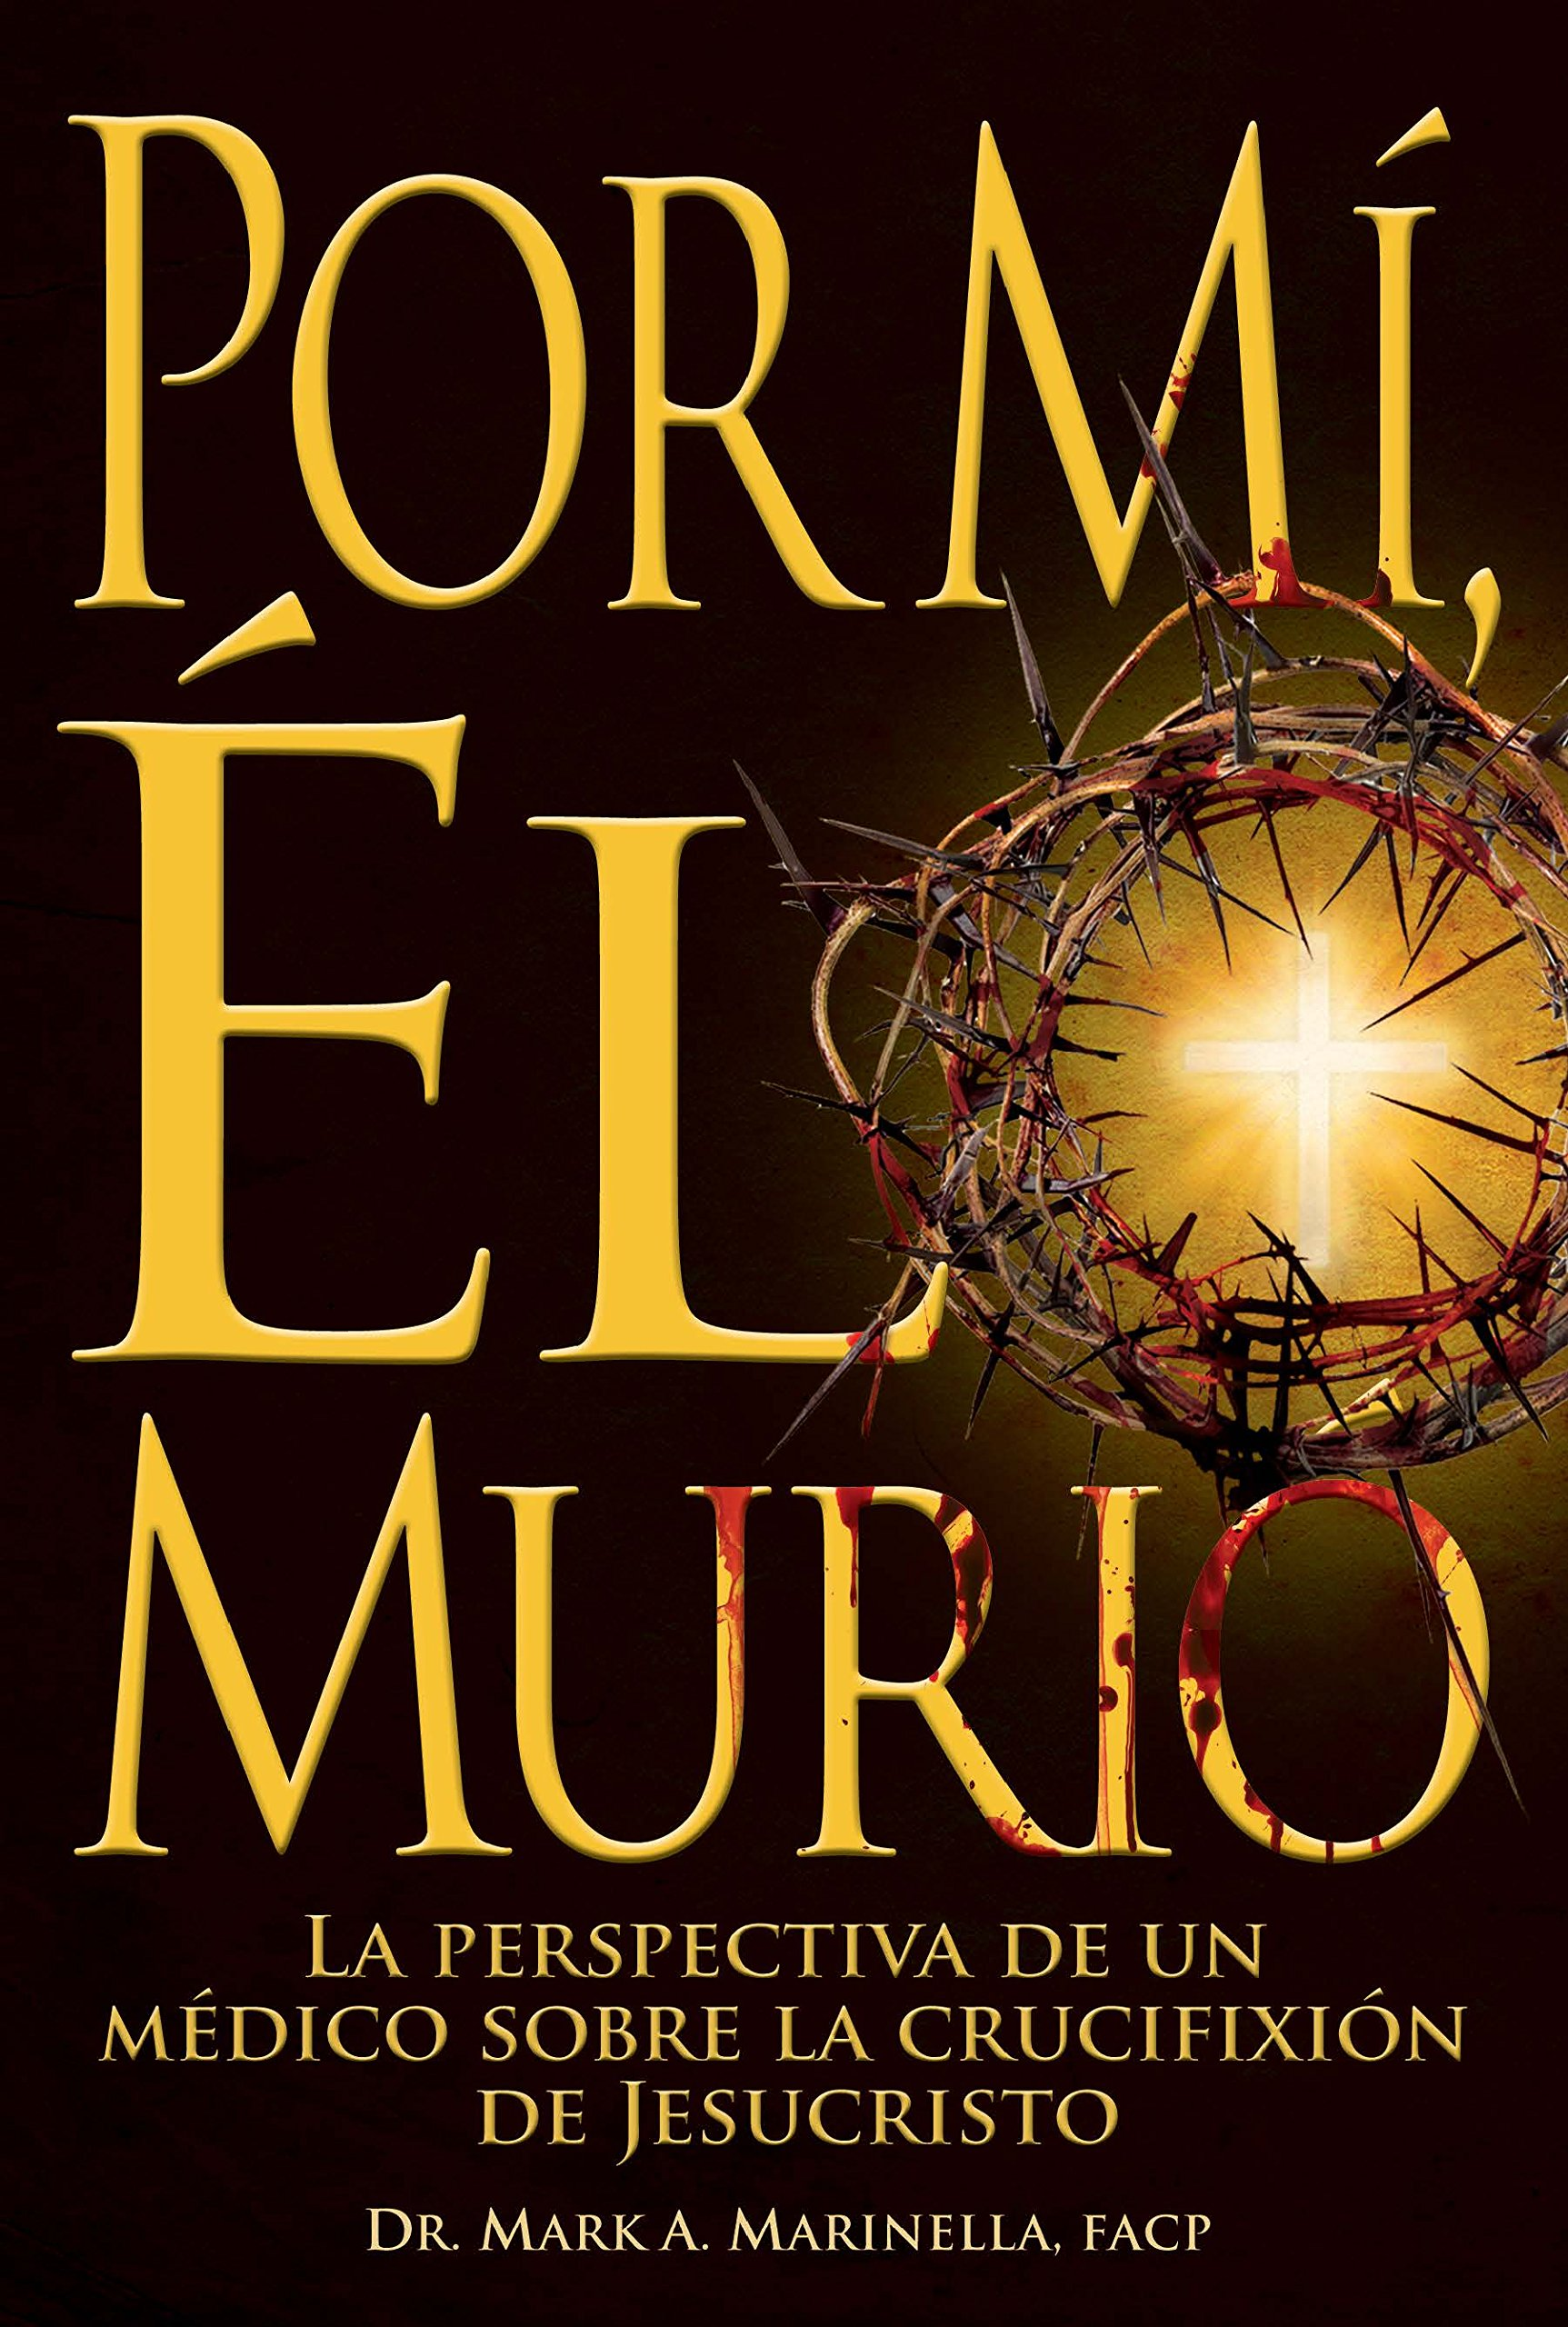 Por Mí, Él Murió: La Perspectiva de un Médico sobre la Crucifixión of Jesucristo (Spanish Edition)